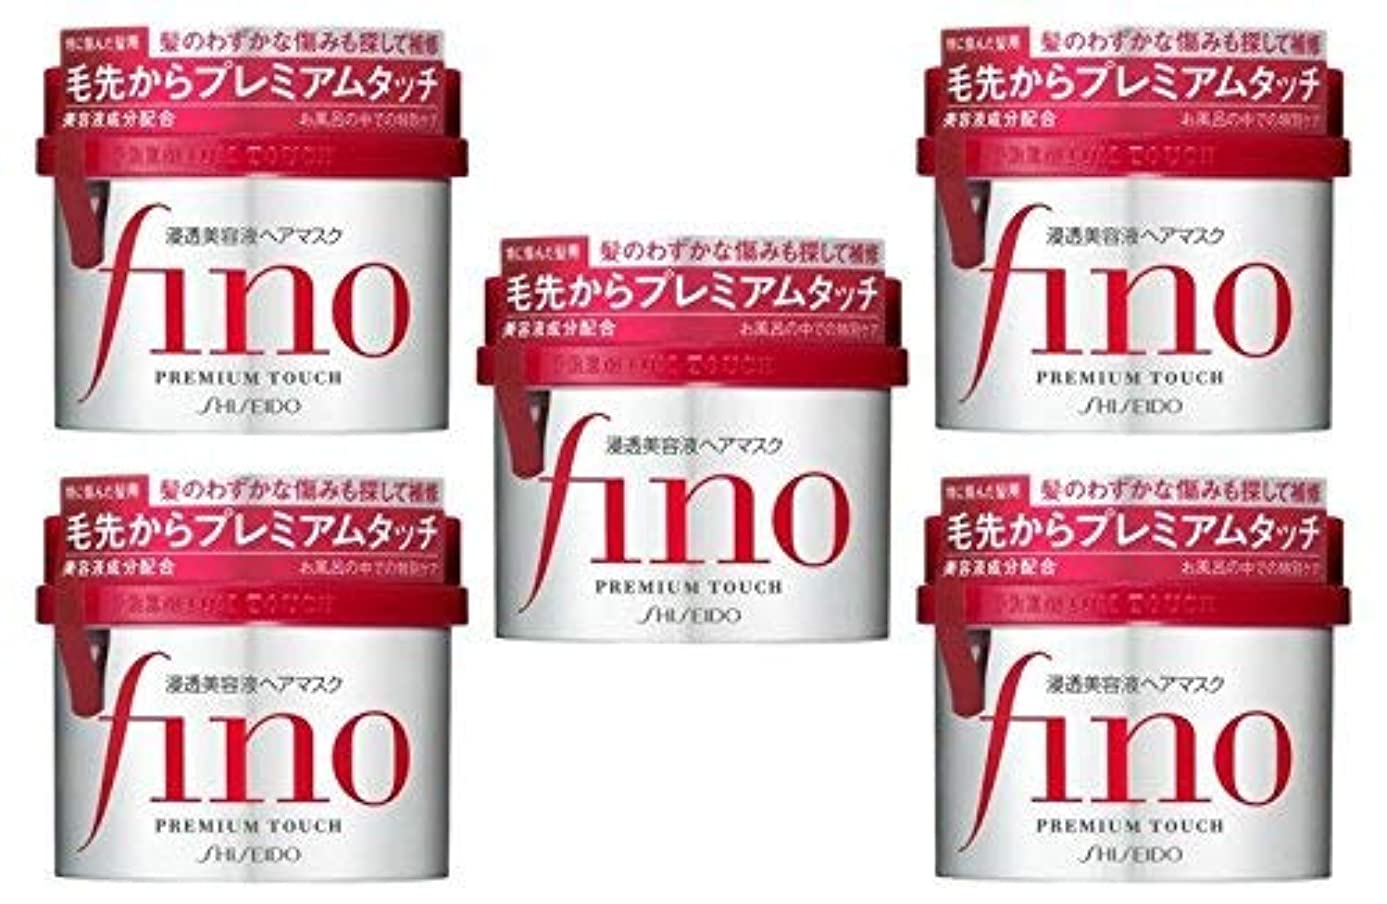 フィーノ浸透美容液ヘアマスク230G × 5個セット